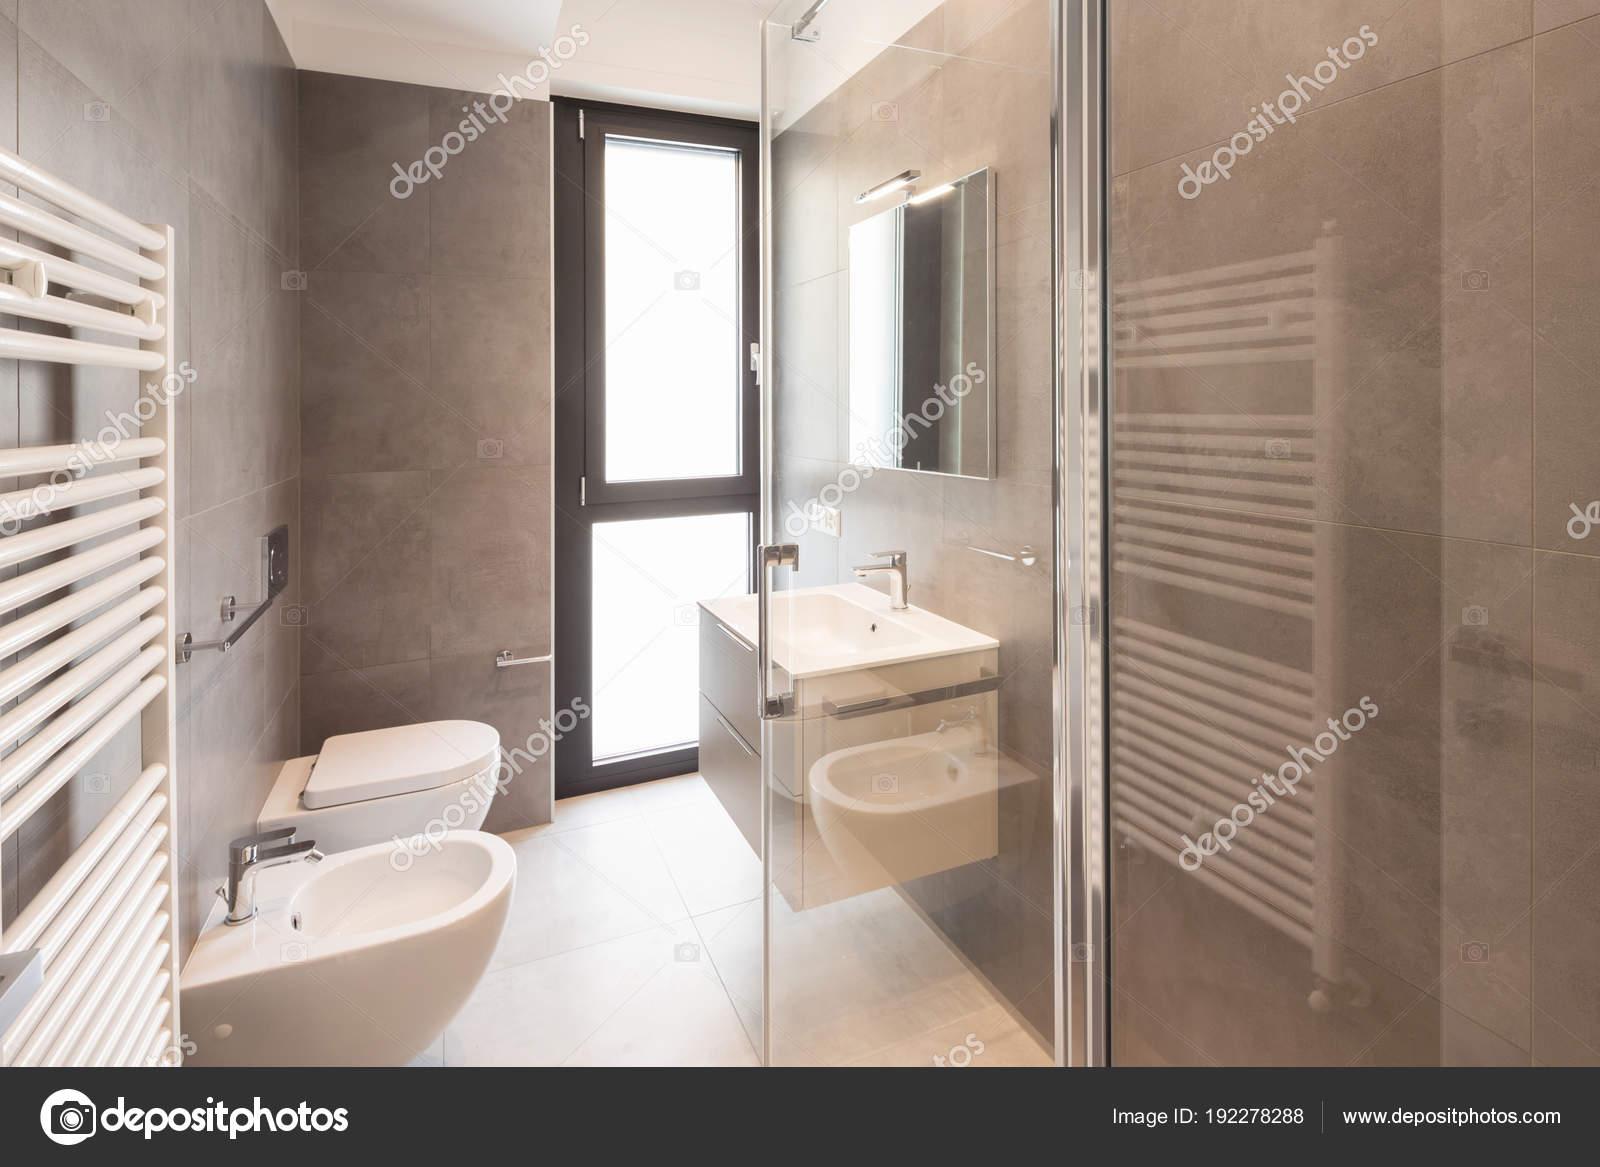 Minimalistische Modernes Bad Mit Großen Fliesen U2014 Stockfoto